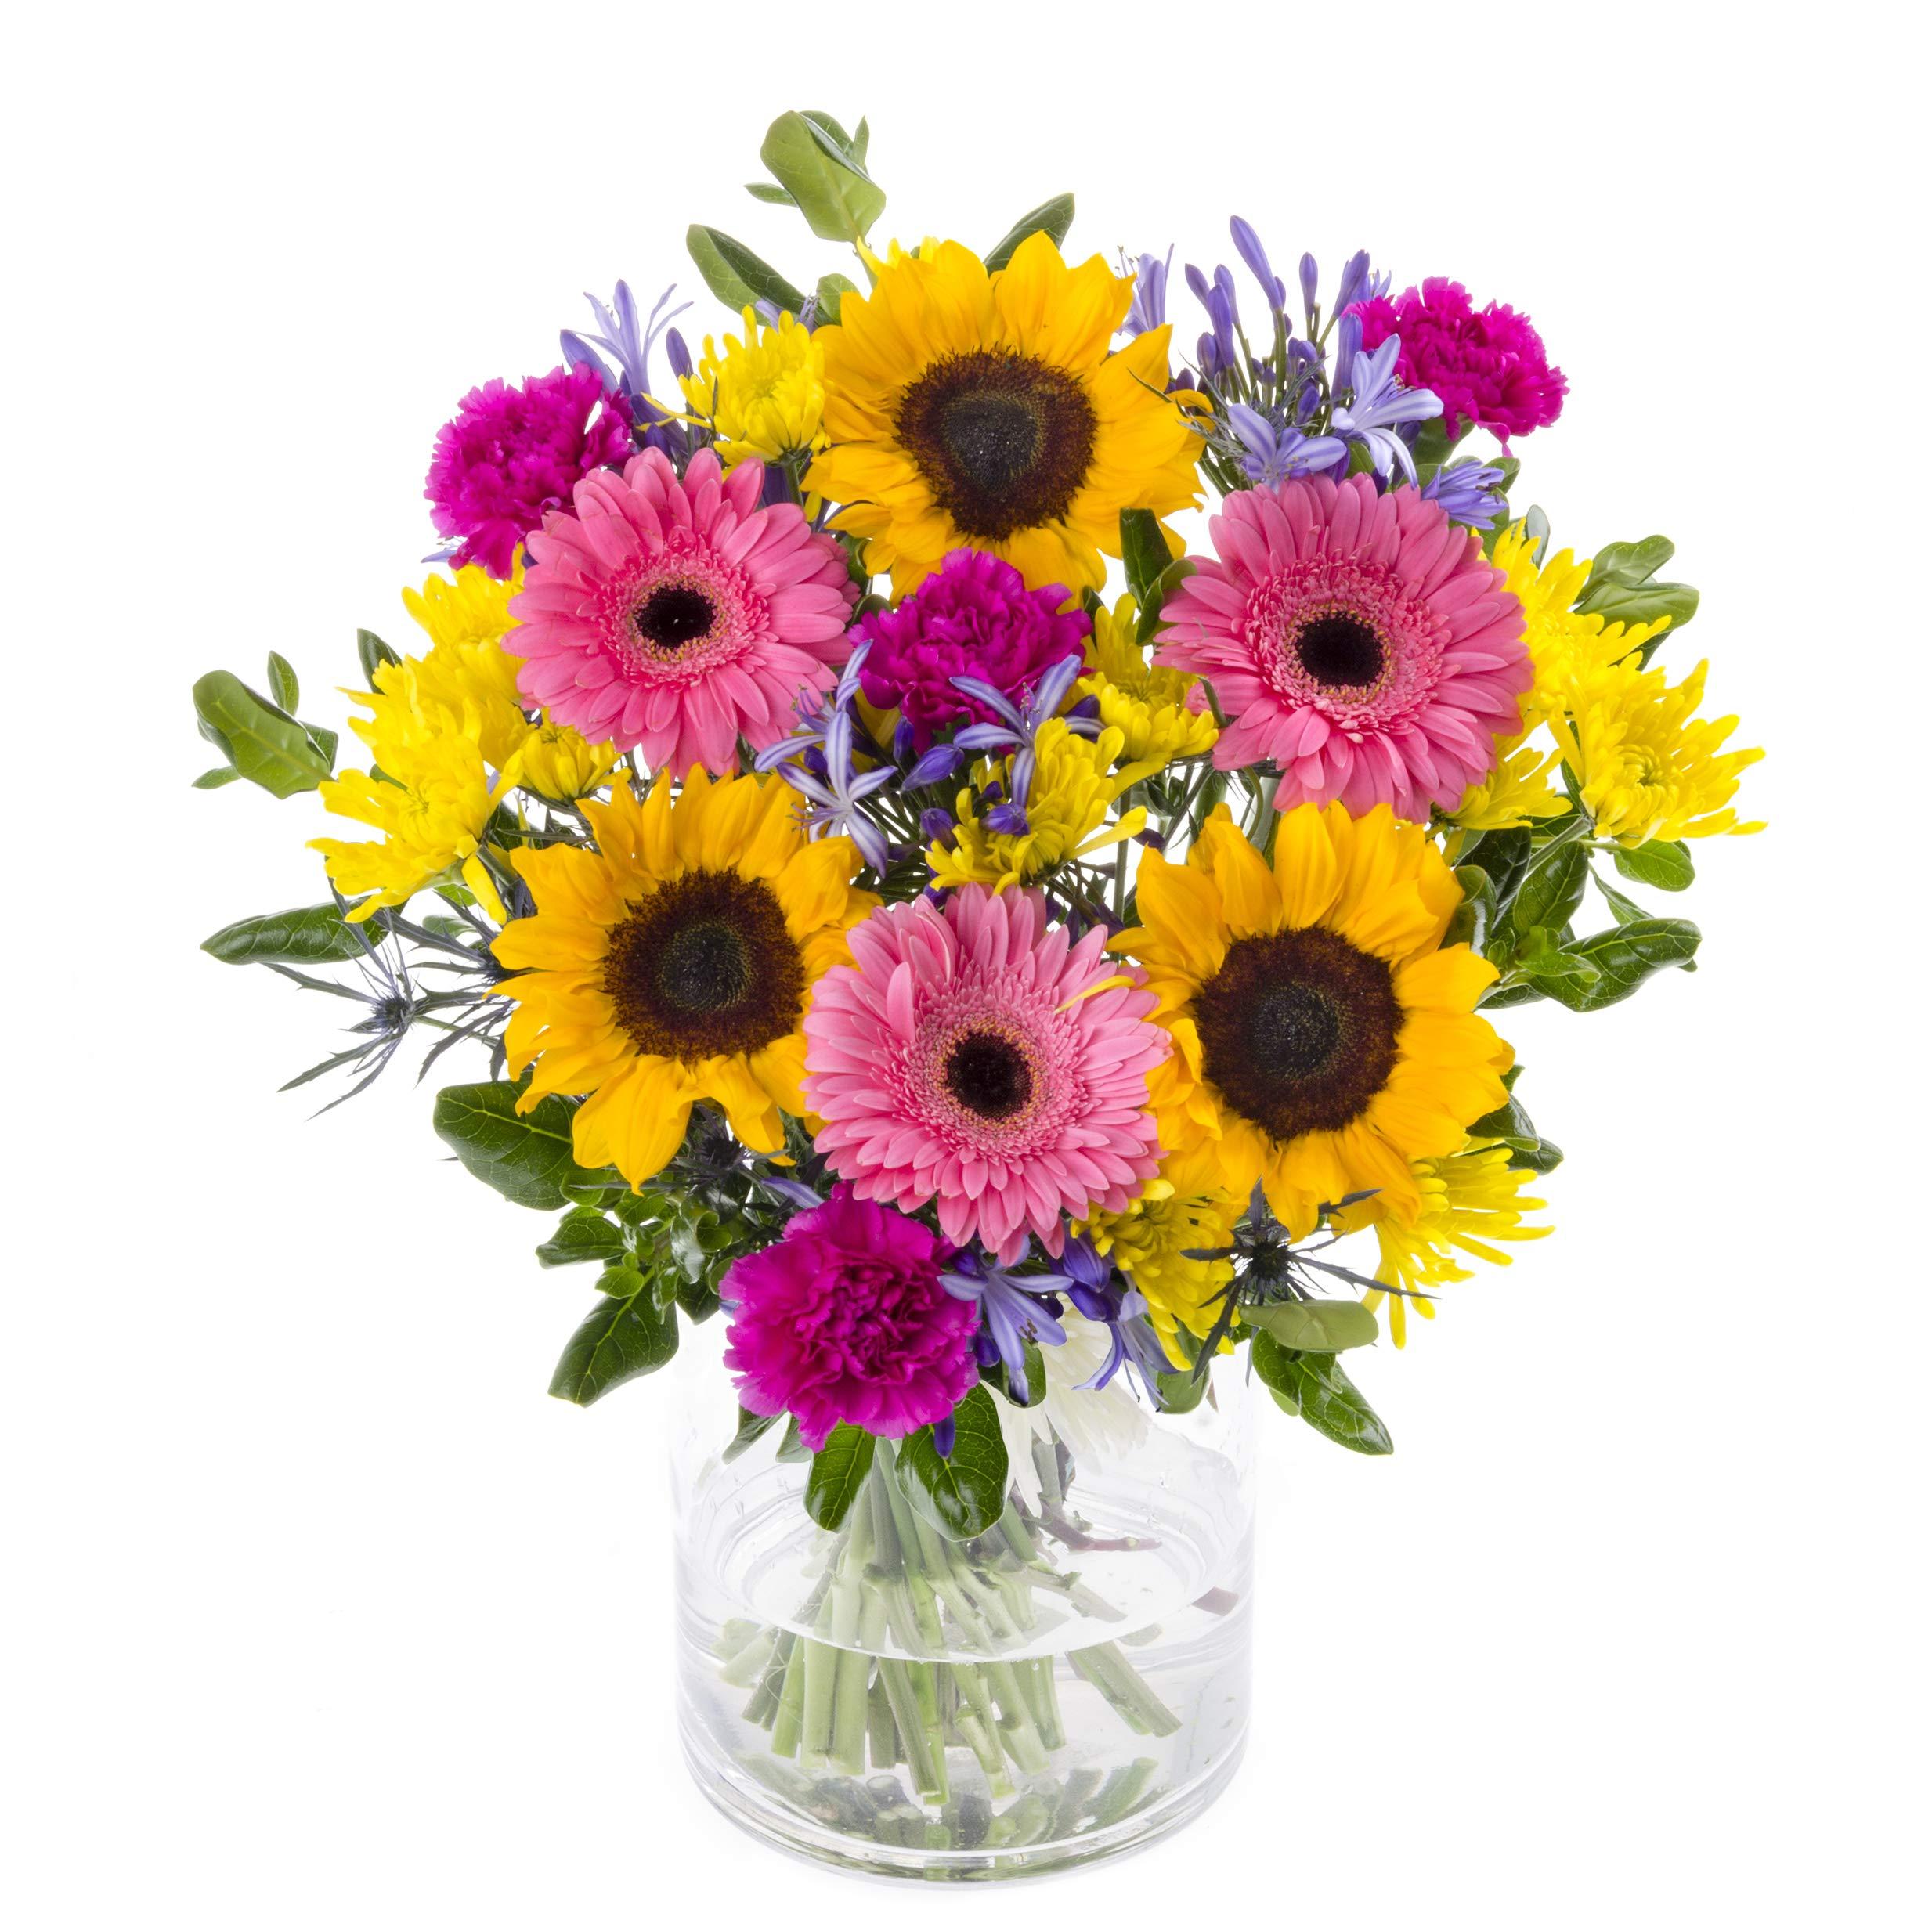 eFlowy - Joy Vase Floral Arrangement by eFlowy (Image #1)